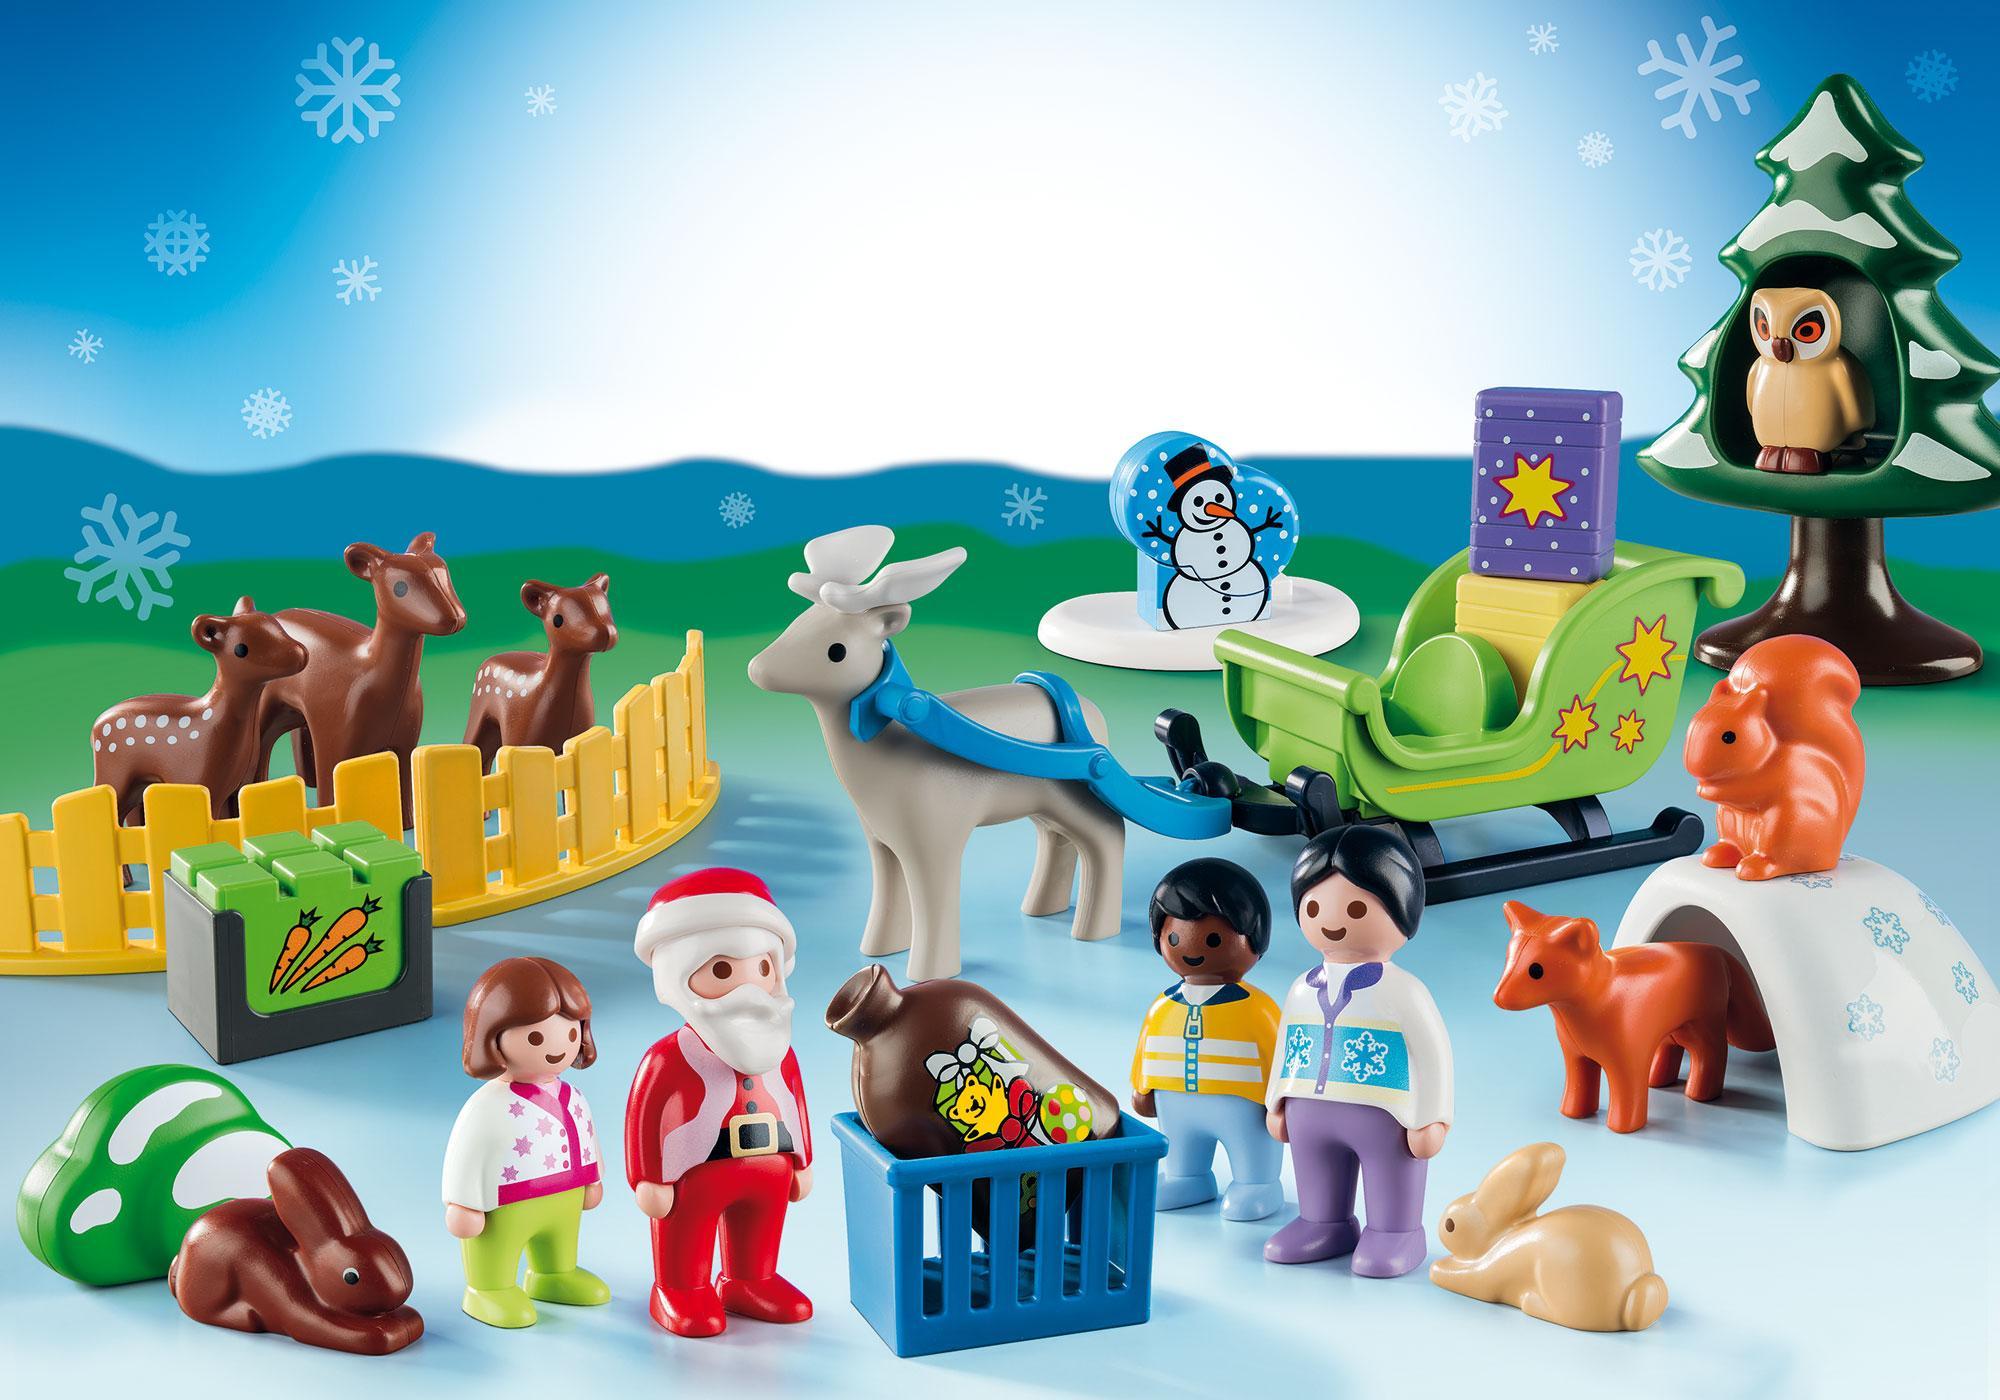 http://media.playmobil.com/i/playmobil/9391_product_extra1/Calendrier de l'Avent 1.2.3 'Père Noël et animaux de la forêt'